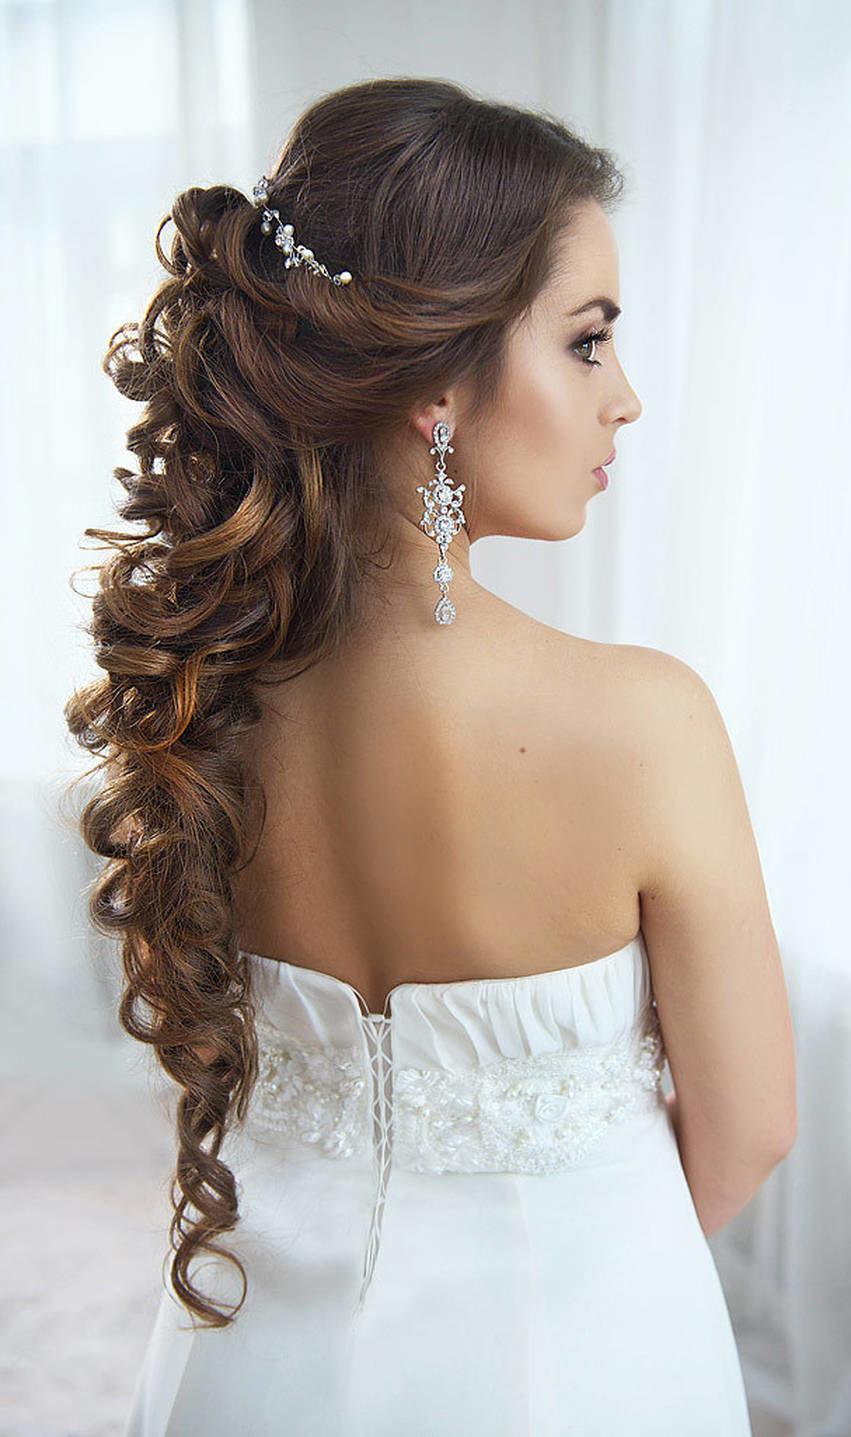 Frisuren Lange Haare 2020 fur die Hochzeit